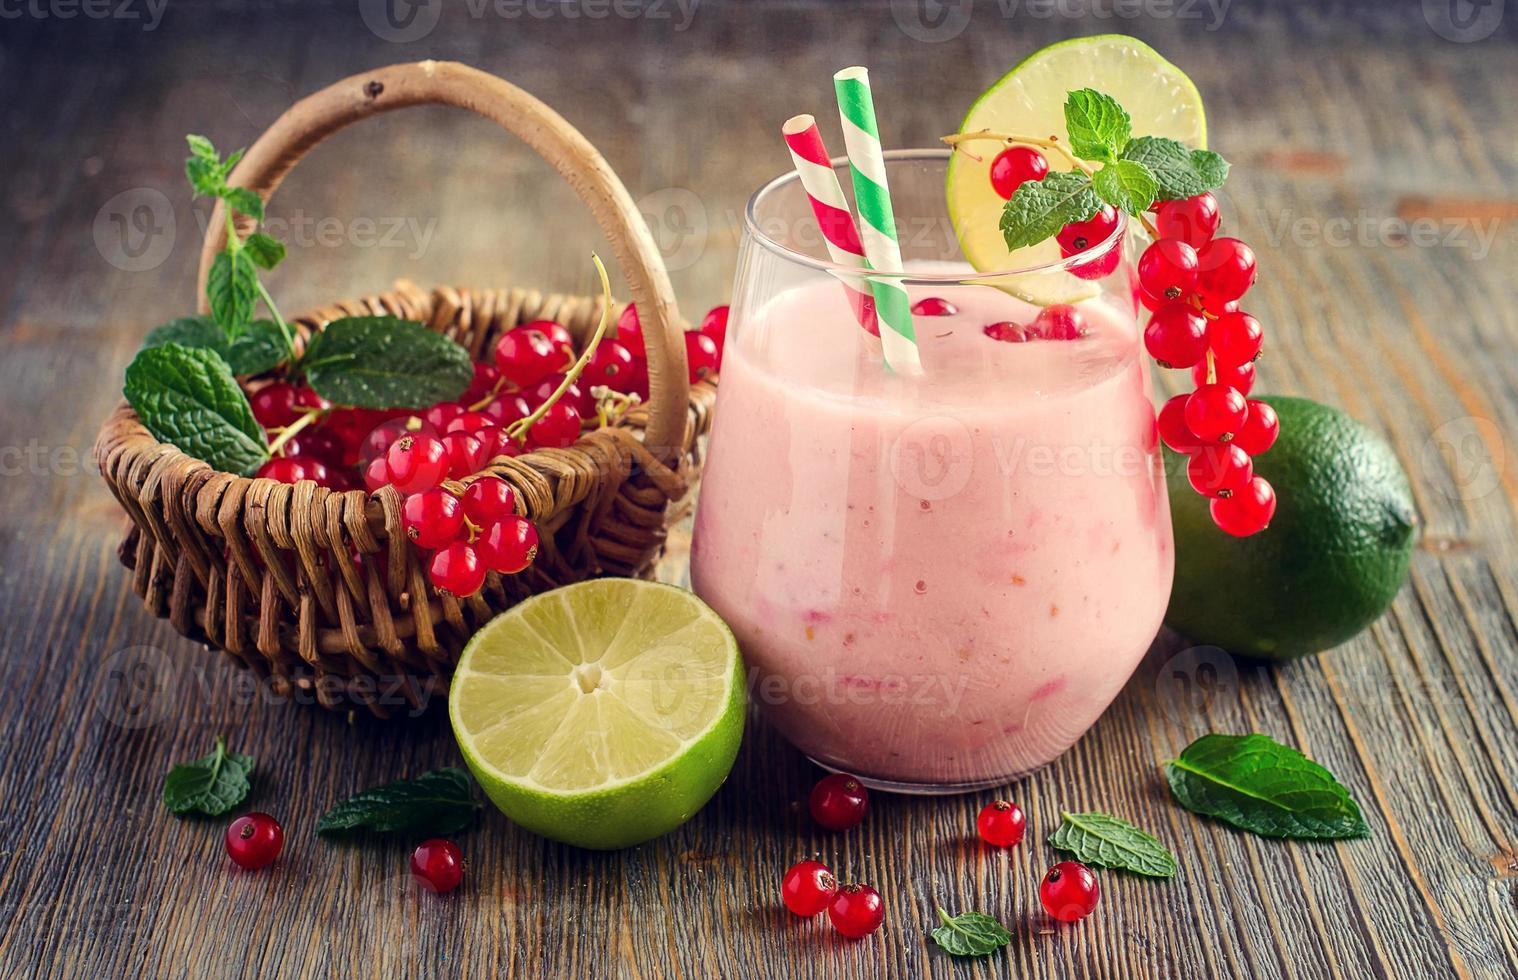 gezonde smoothiedrank met rode besbessen en limoen, zomer foto